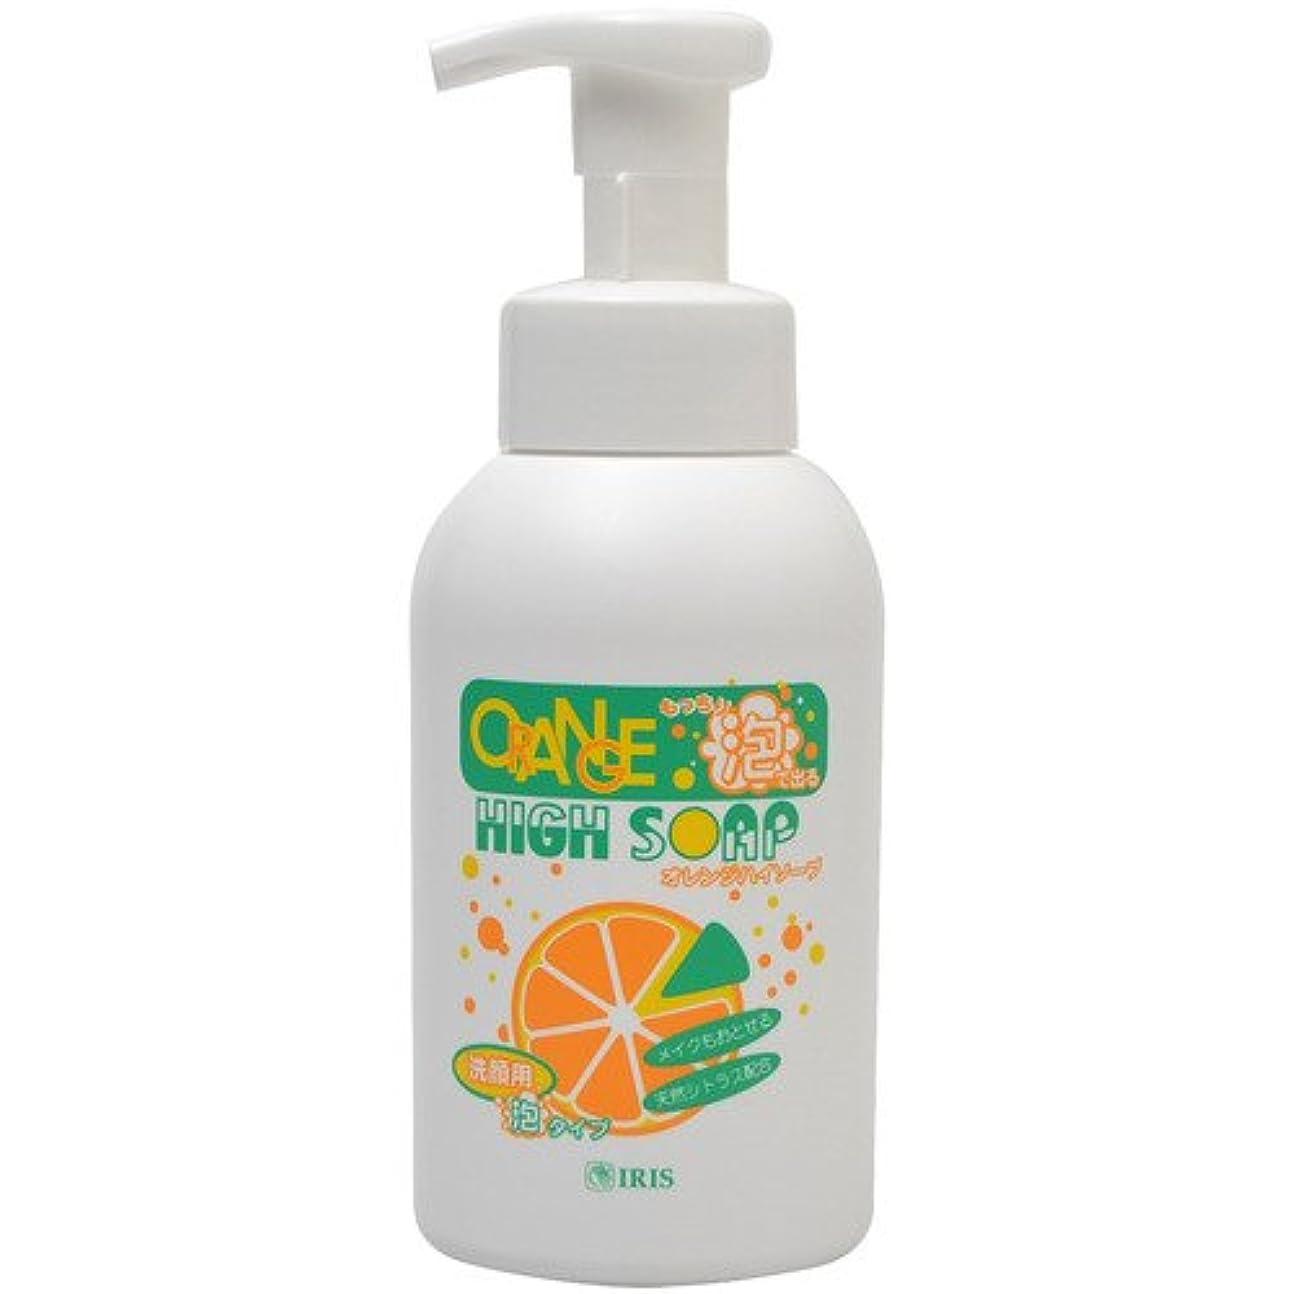 北リスナーコミットオレンジハイソープ 洗顔用 泡タイプ ポンプ式 400ml